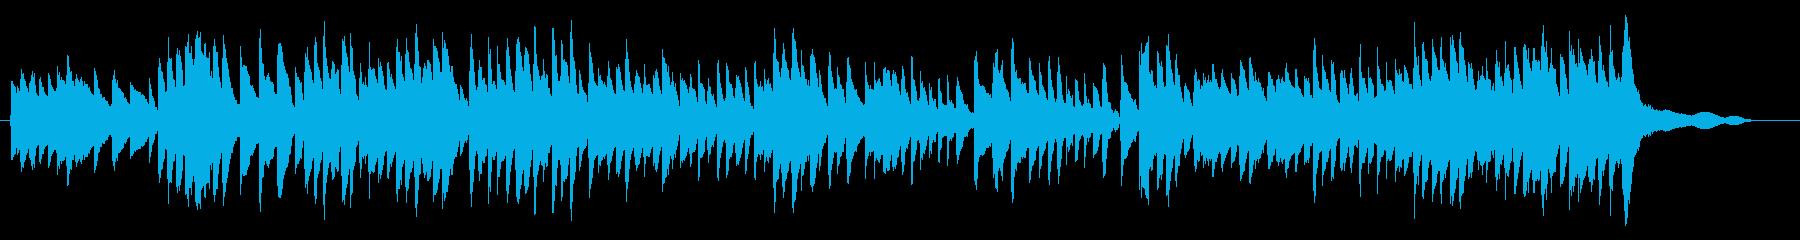 バッハ風の簡潔なインベンションです。の再生済みの波形